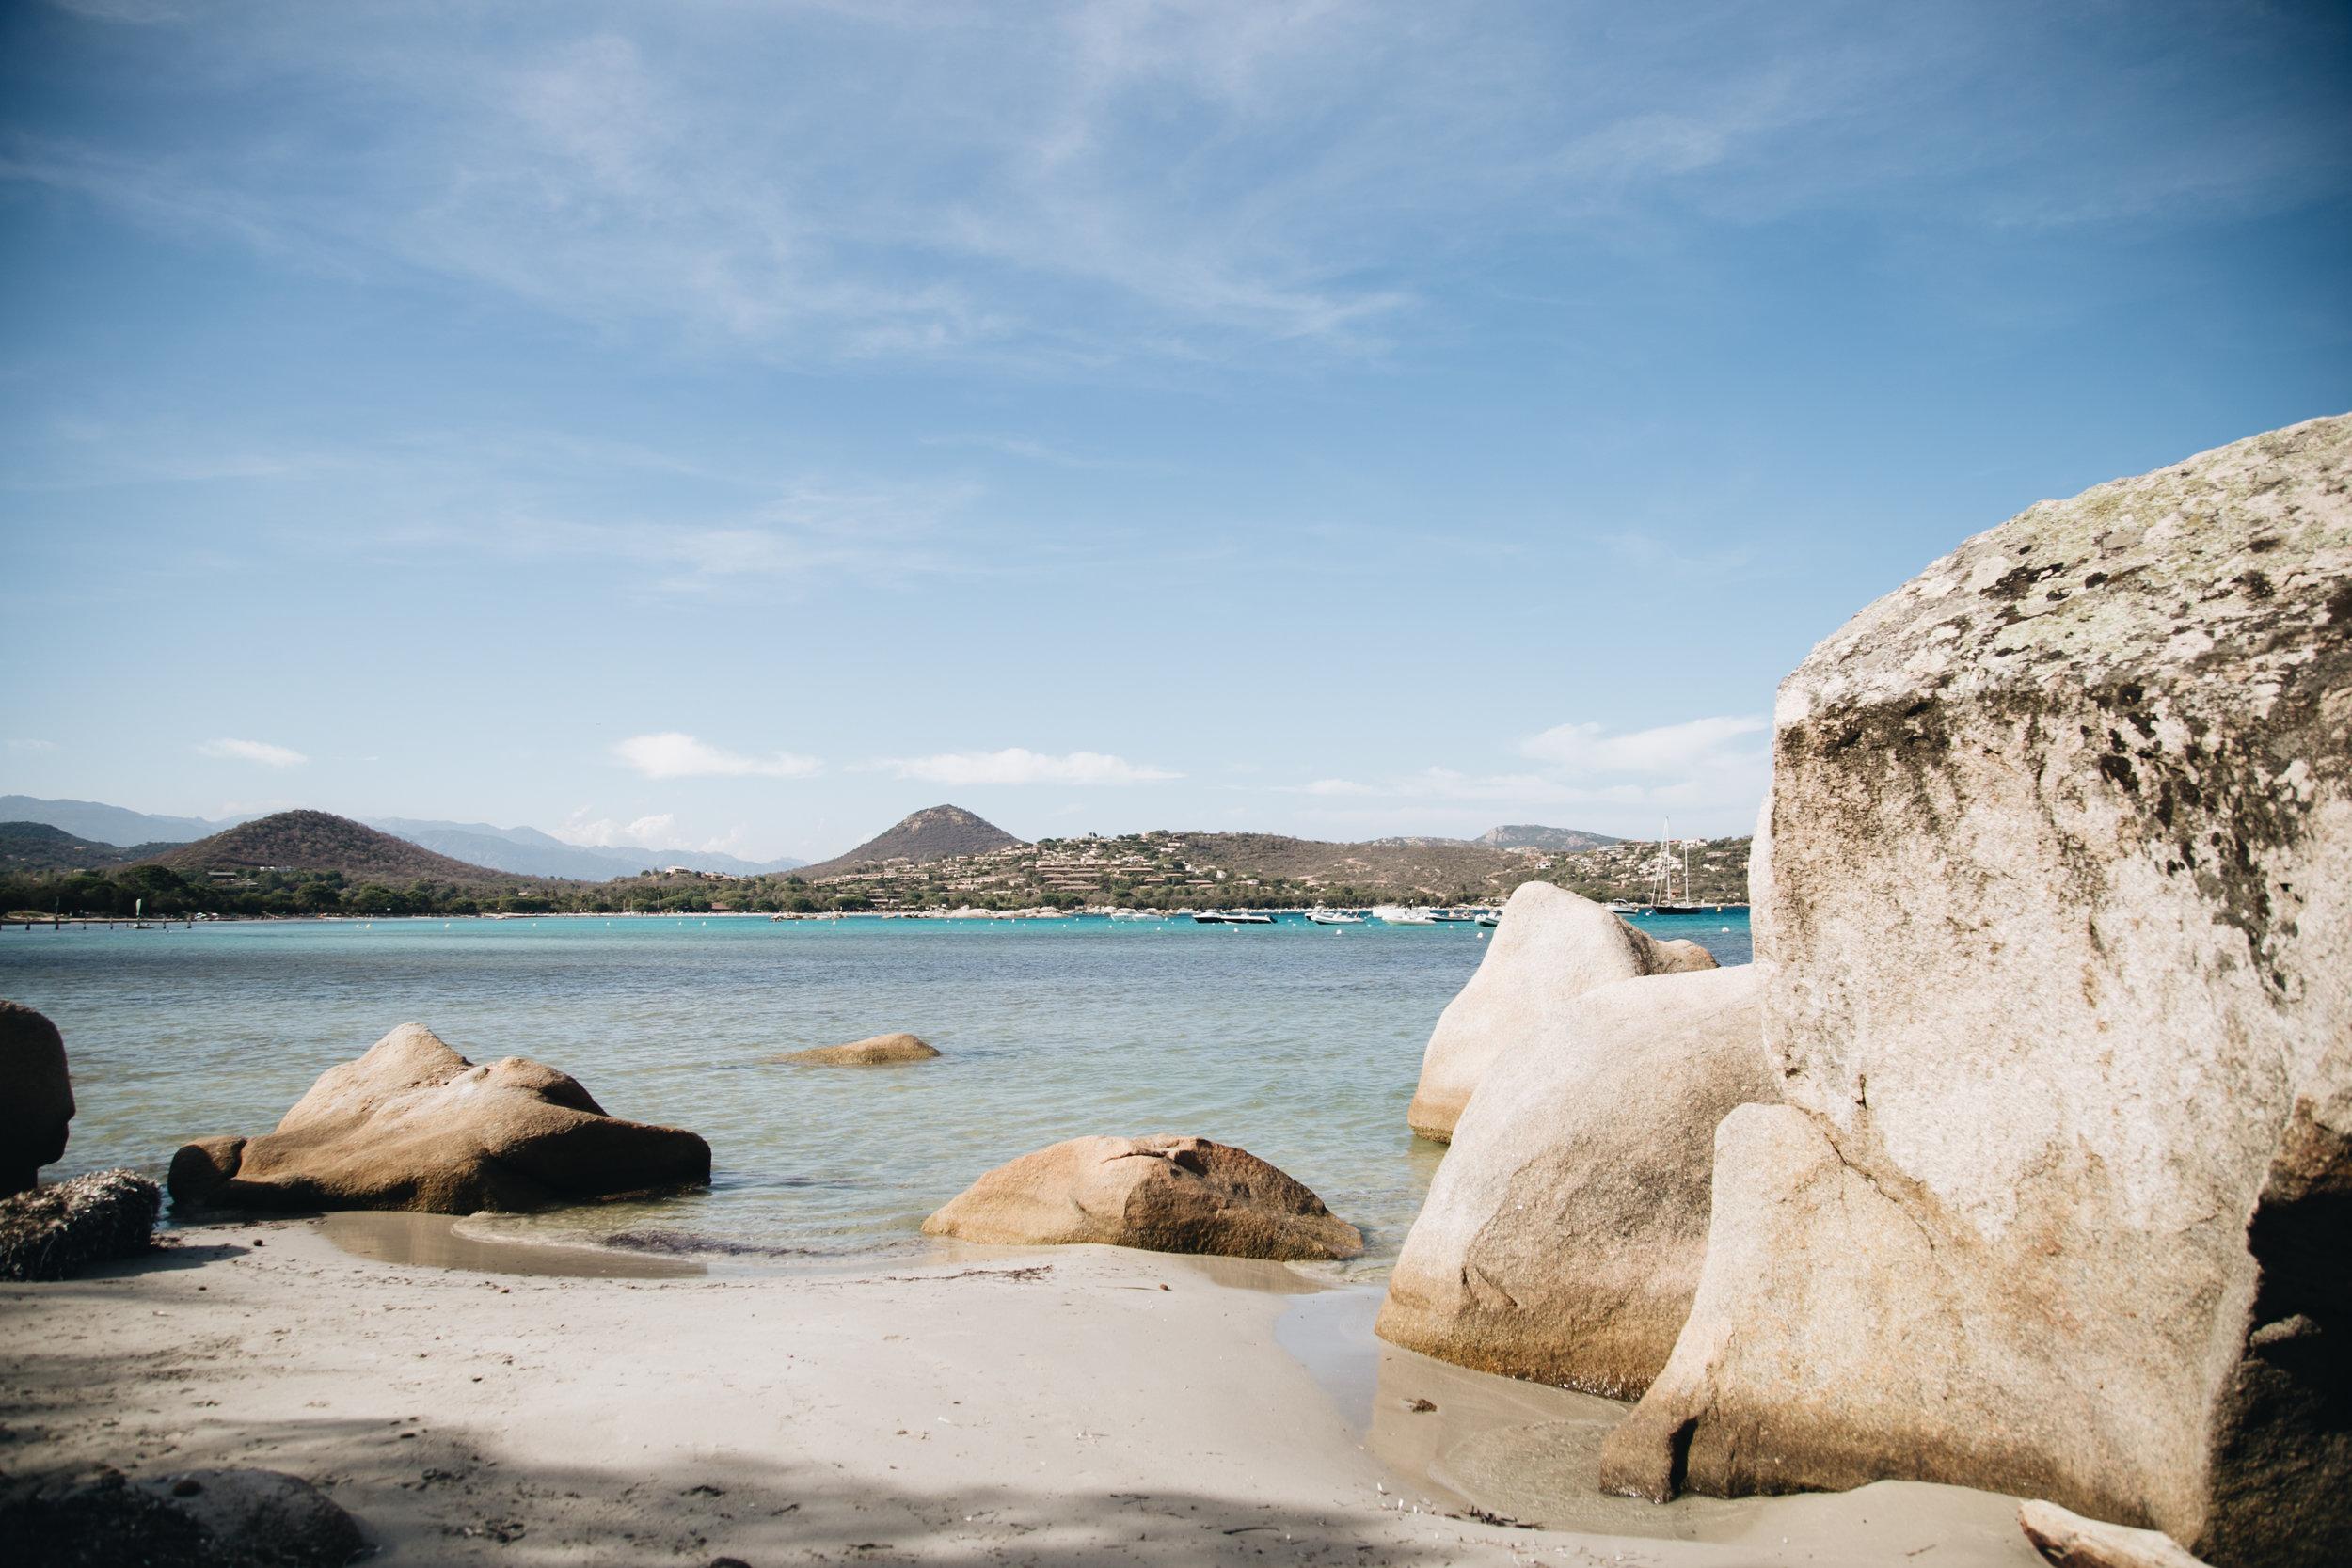 santa-giulia-plage-porto-vecchio-corse.jpg